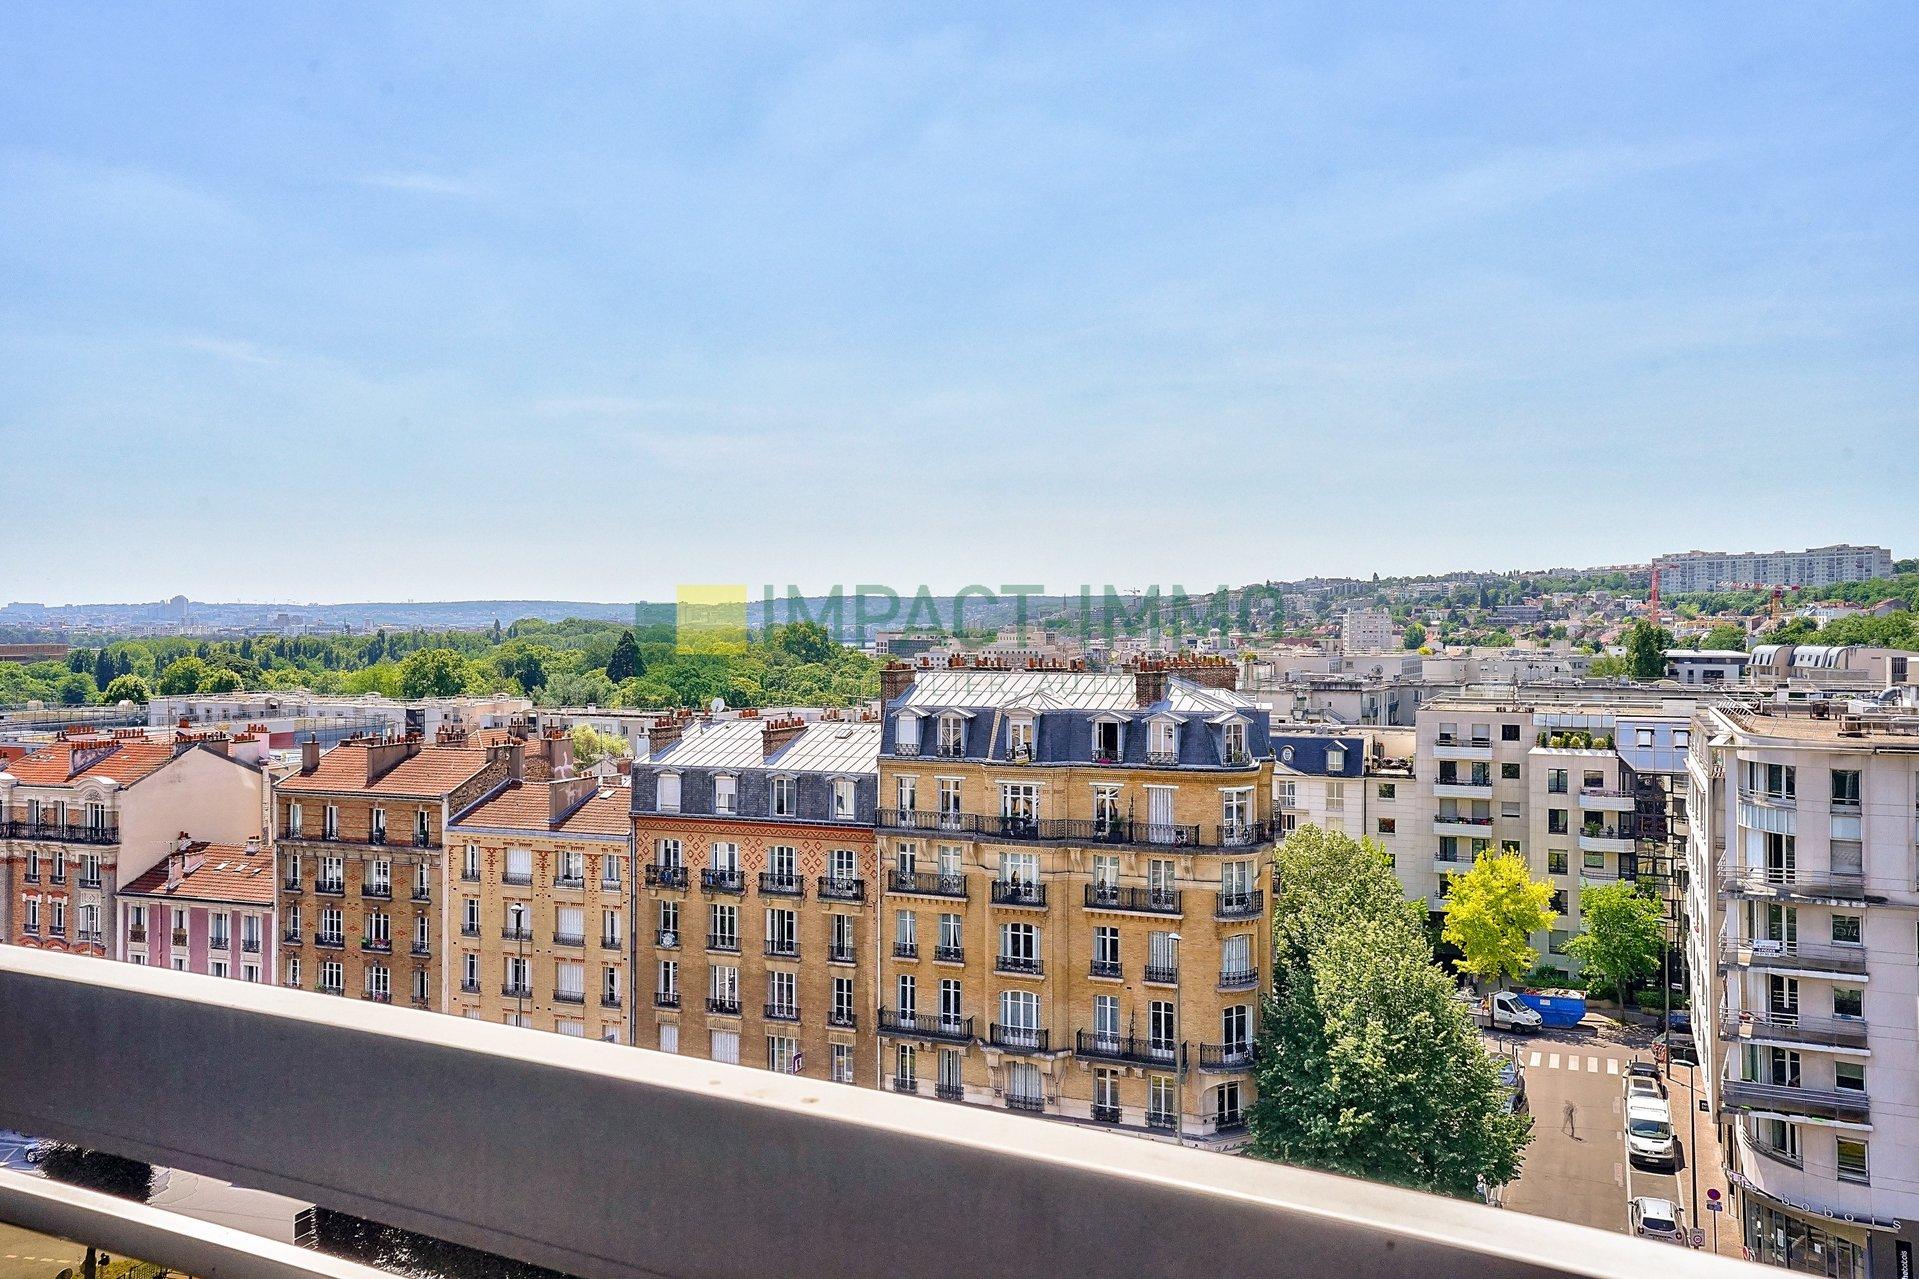 3 Pièces refait à neuf / Mairie - Balcon + Box